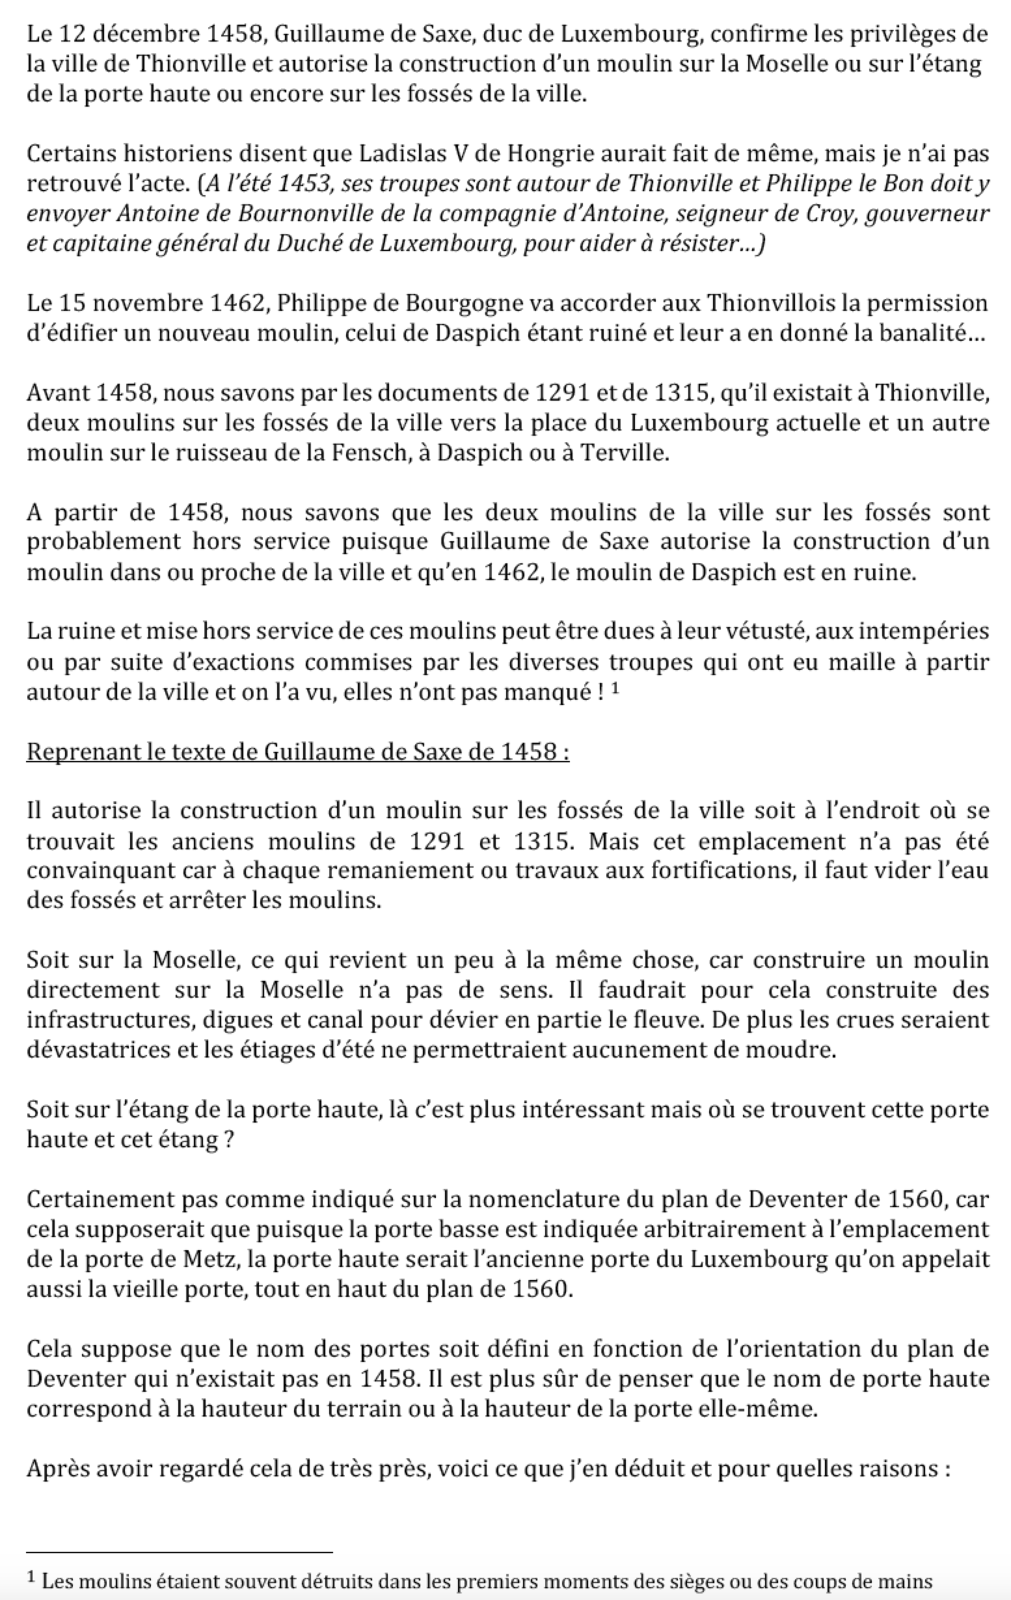 1458-2019 * Vie et mort du moulin de Thionville (suite N°6 - 15ème siècle)